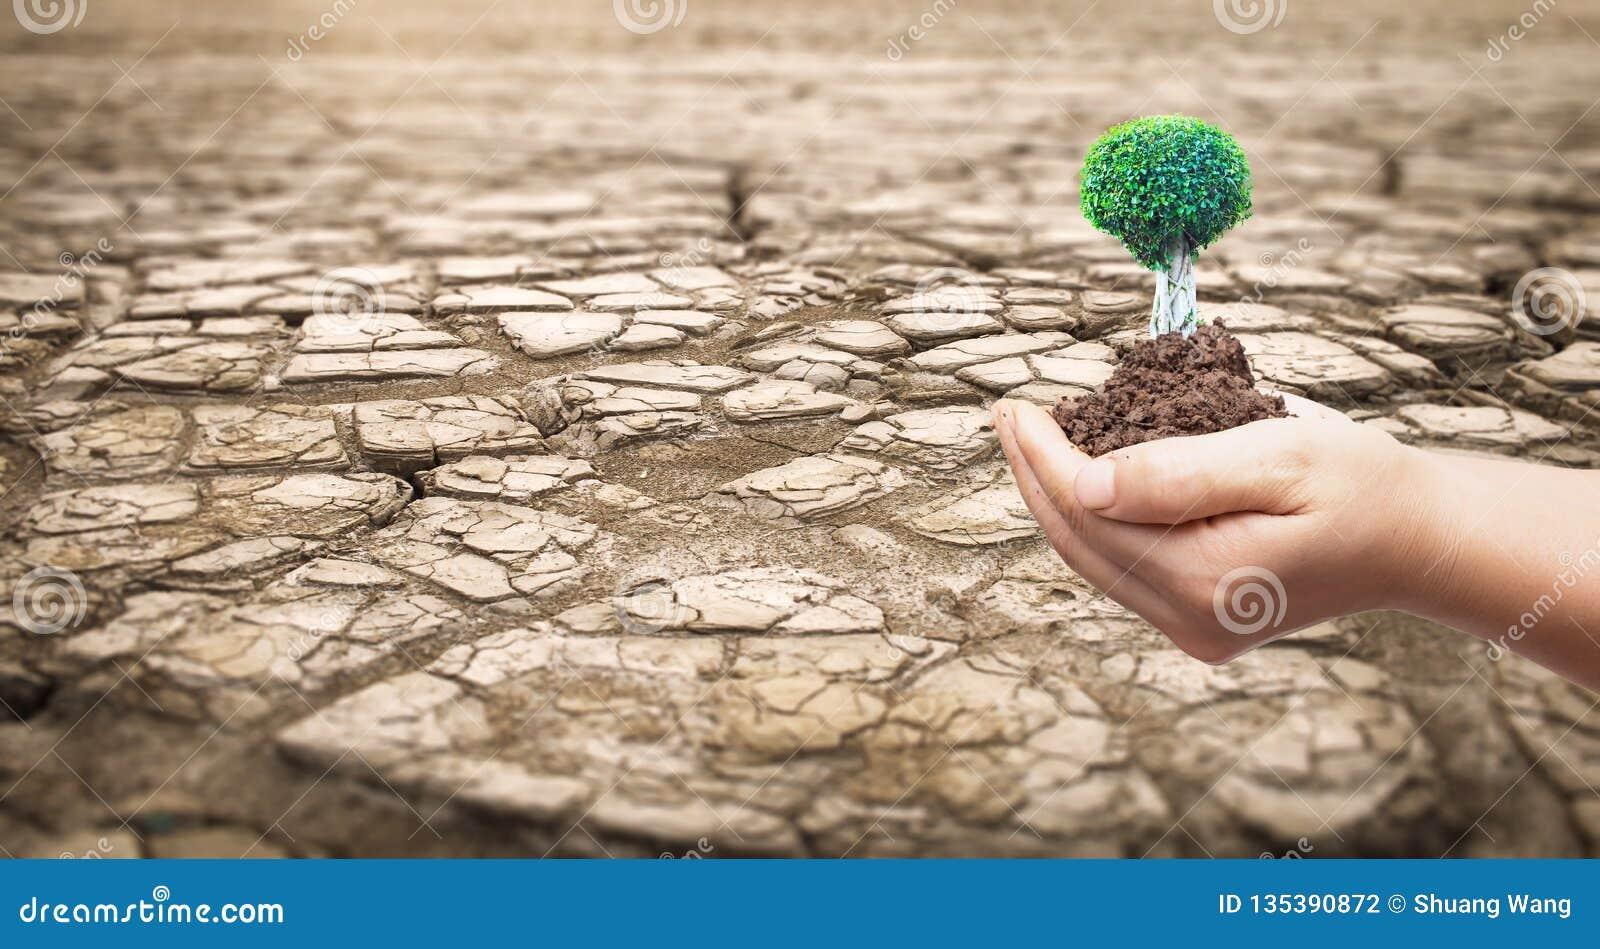 Klimakonzept: Teil eines weiten Gebiets getrocknetes Land-Leidens von der Dürre